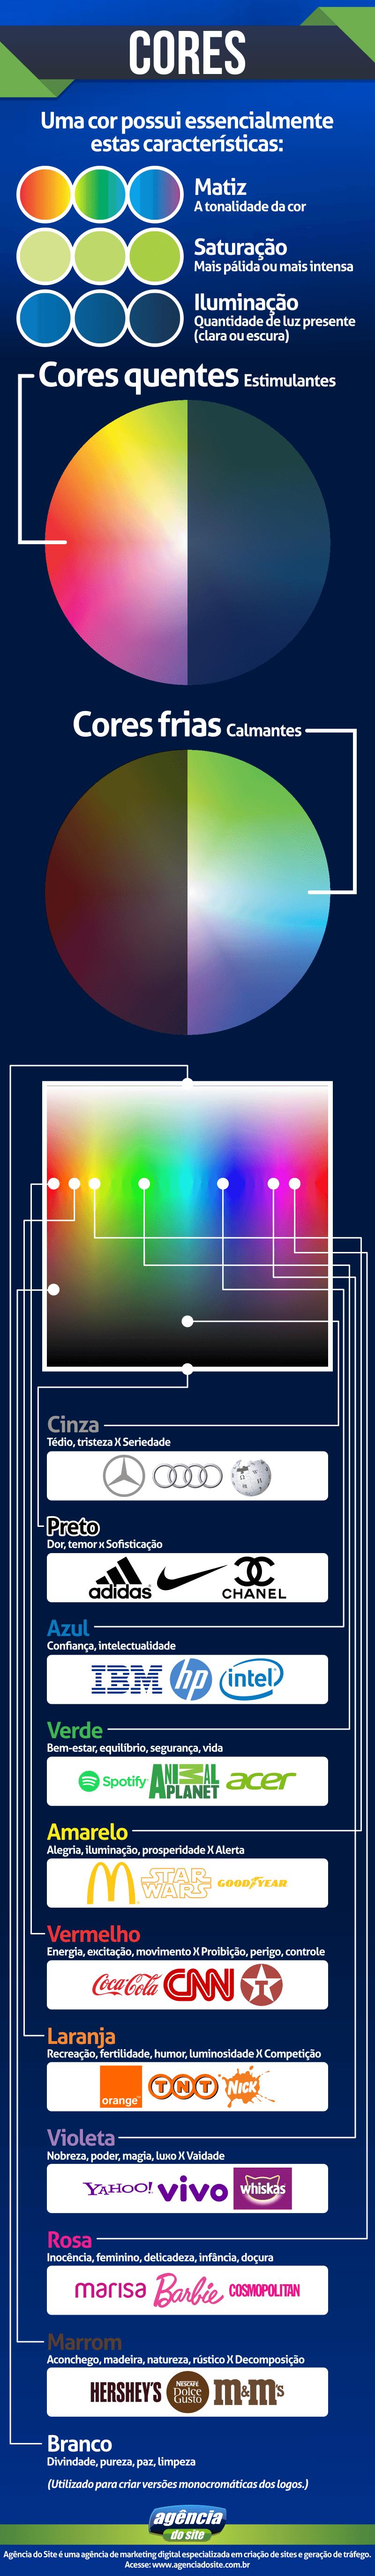 Infografico sobre as principais informações que você precisa na hora de escolher a cor para o seu logo